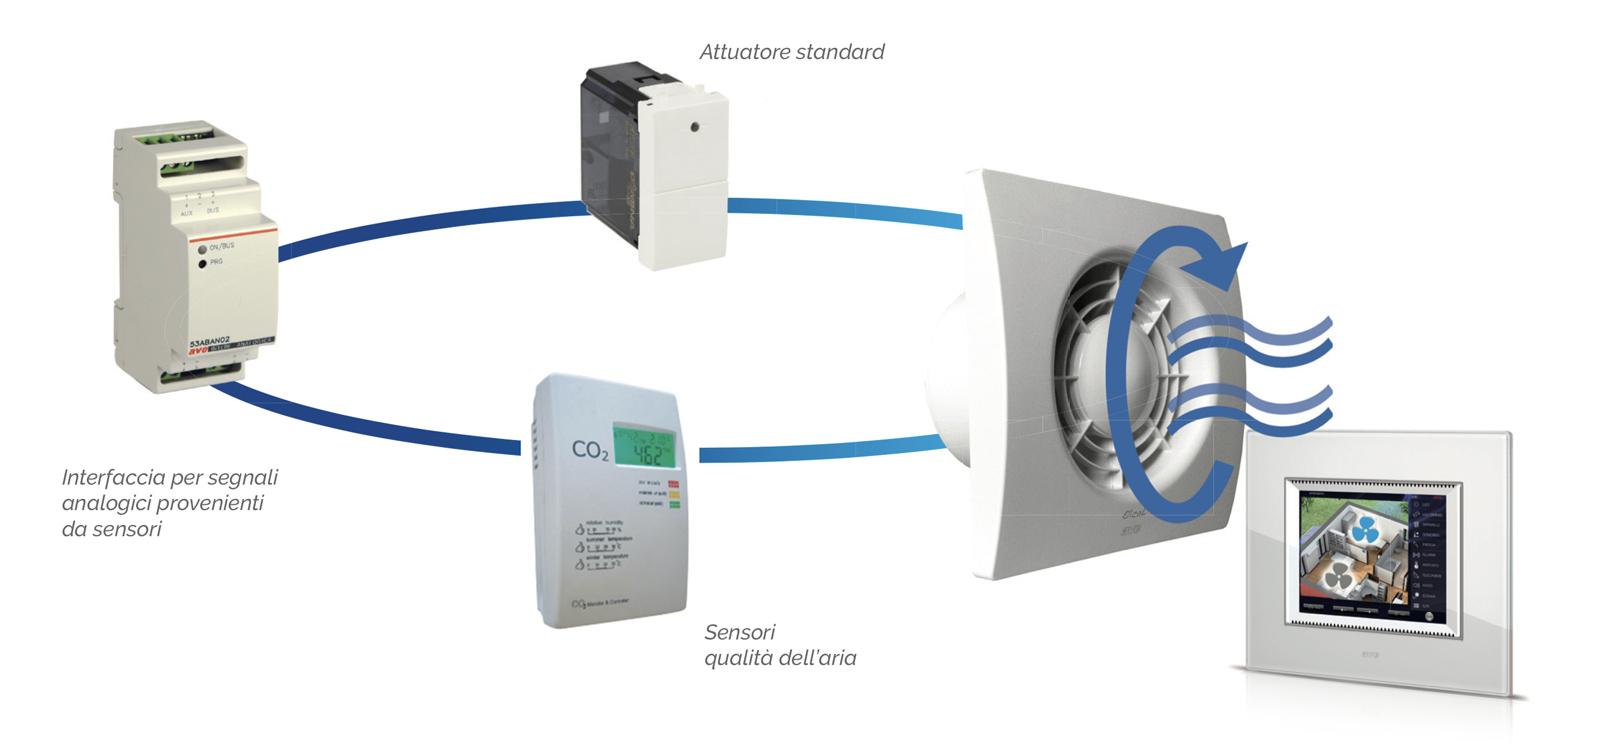 Schema Elettrico Per Domotica : Schema elettrico per domotica progettare un impianto